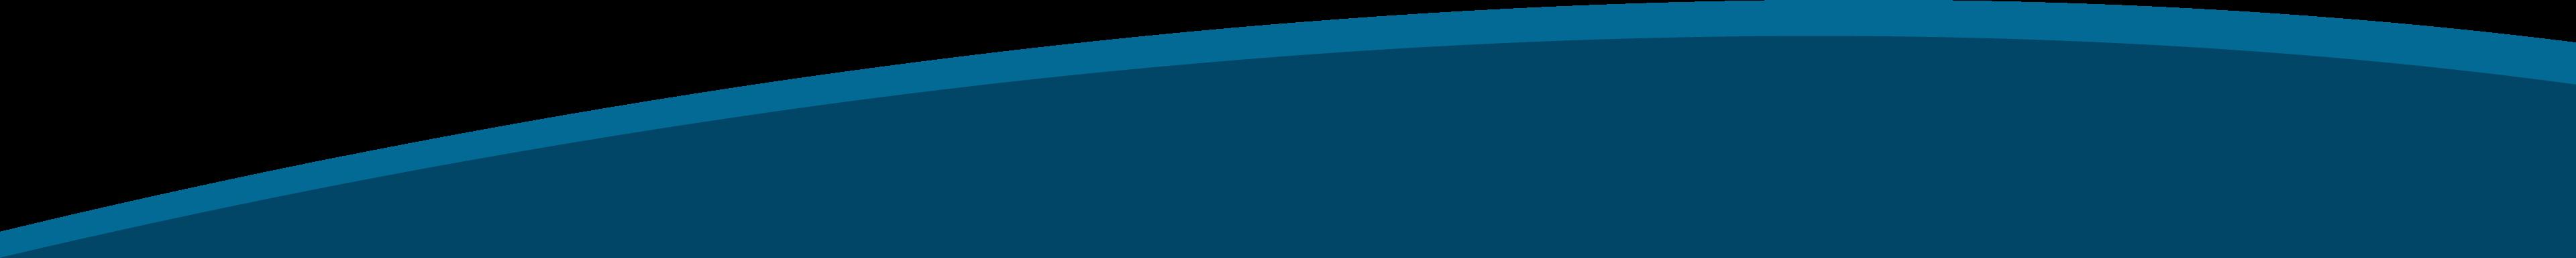 Hero Trennstrich - Southvision Webagentur